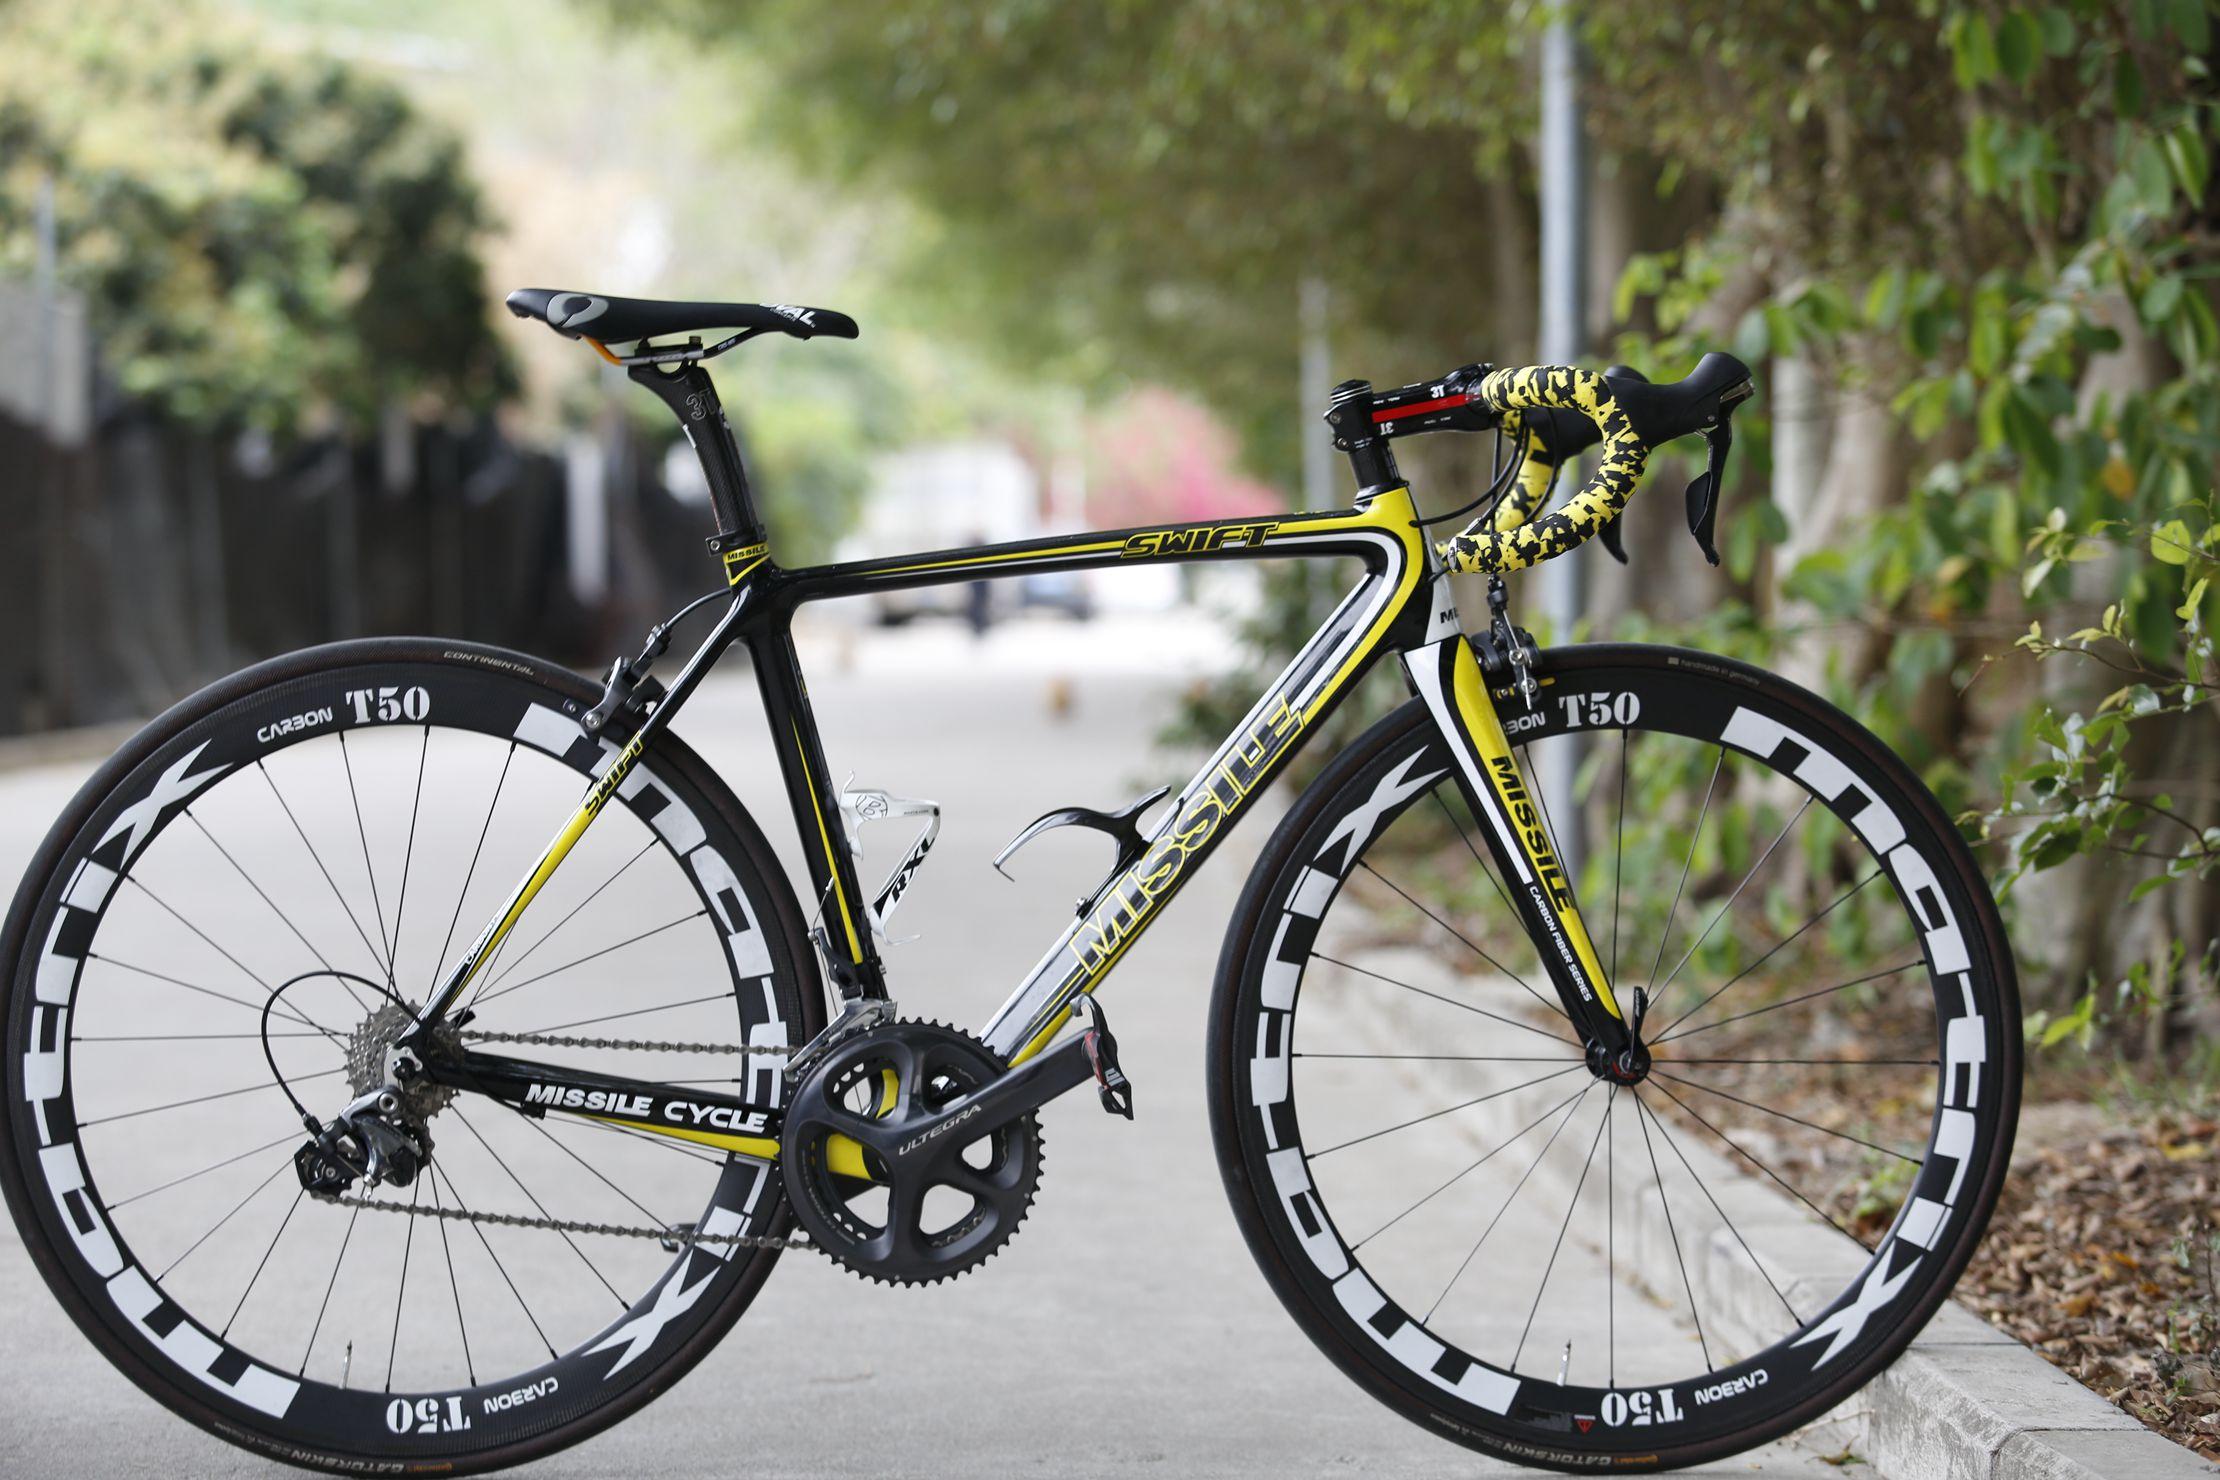 шоссейный велосипед Missile 0268 MISSIEL купить шоссейный велосипед б у в минске